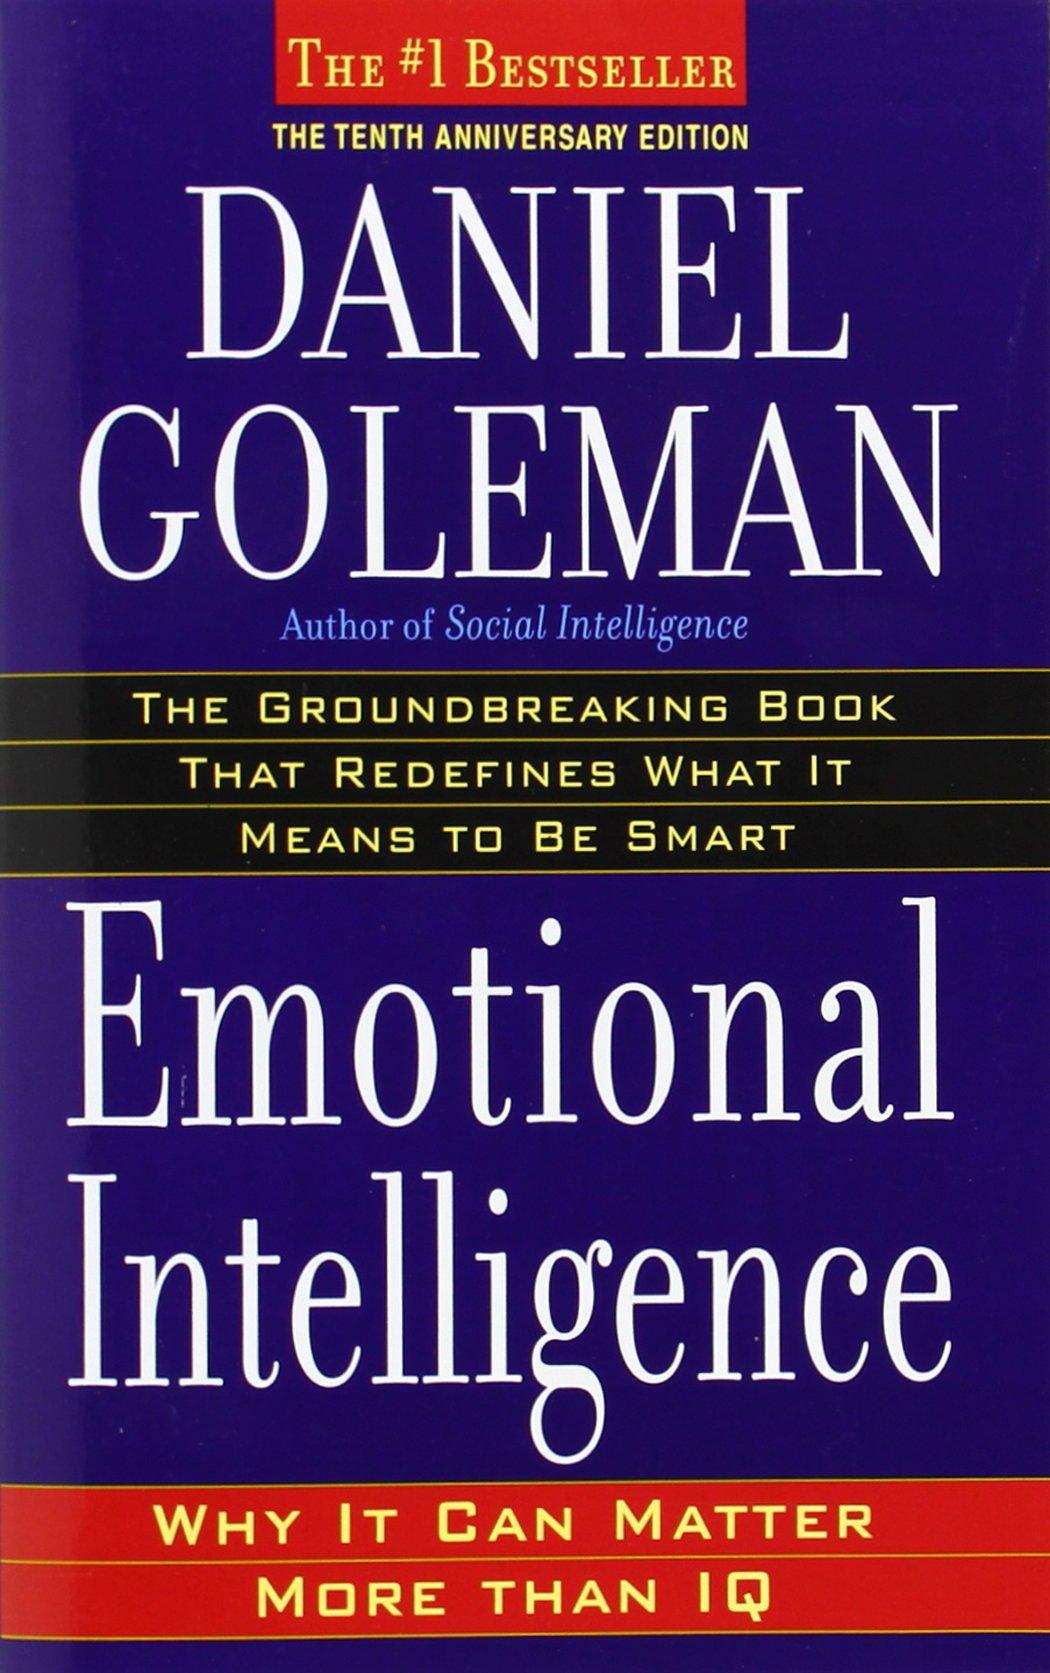 Emotional Intelligence Summary